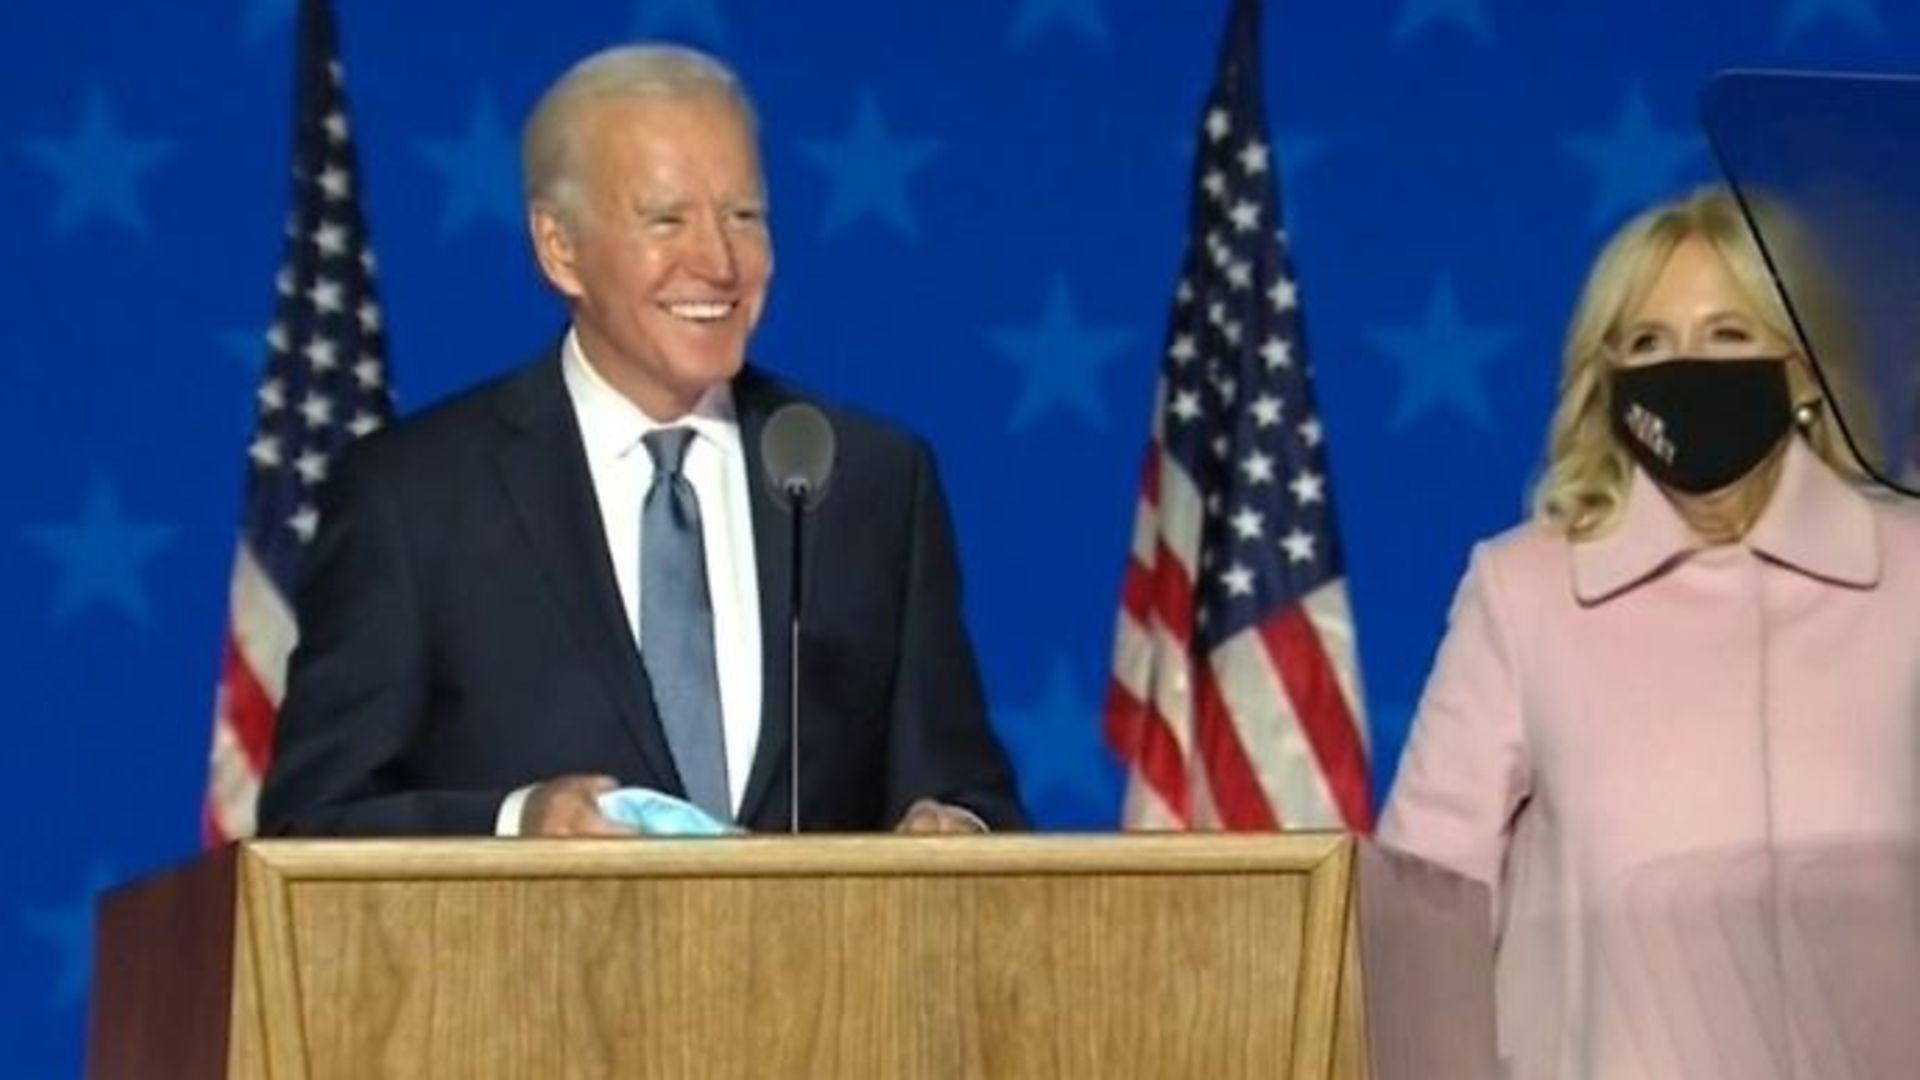 Joe Biden at a rally in Wilmington, Delaware - Credit: BBC